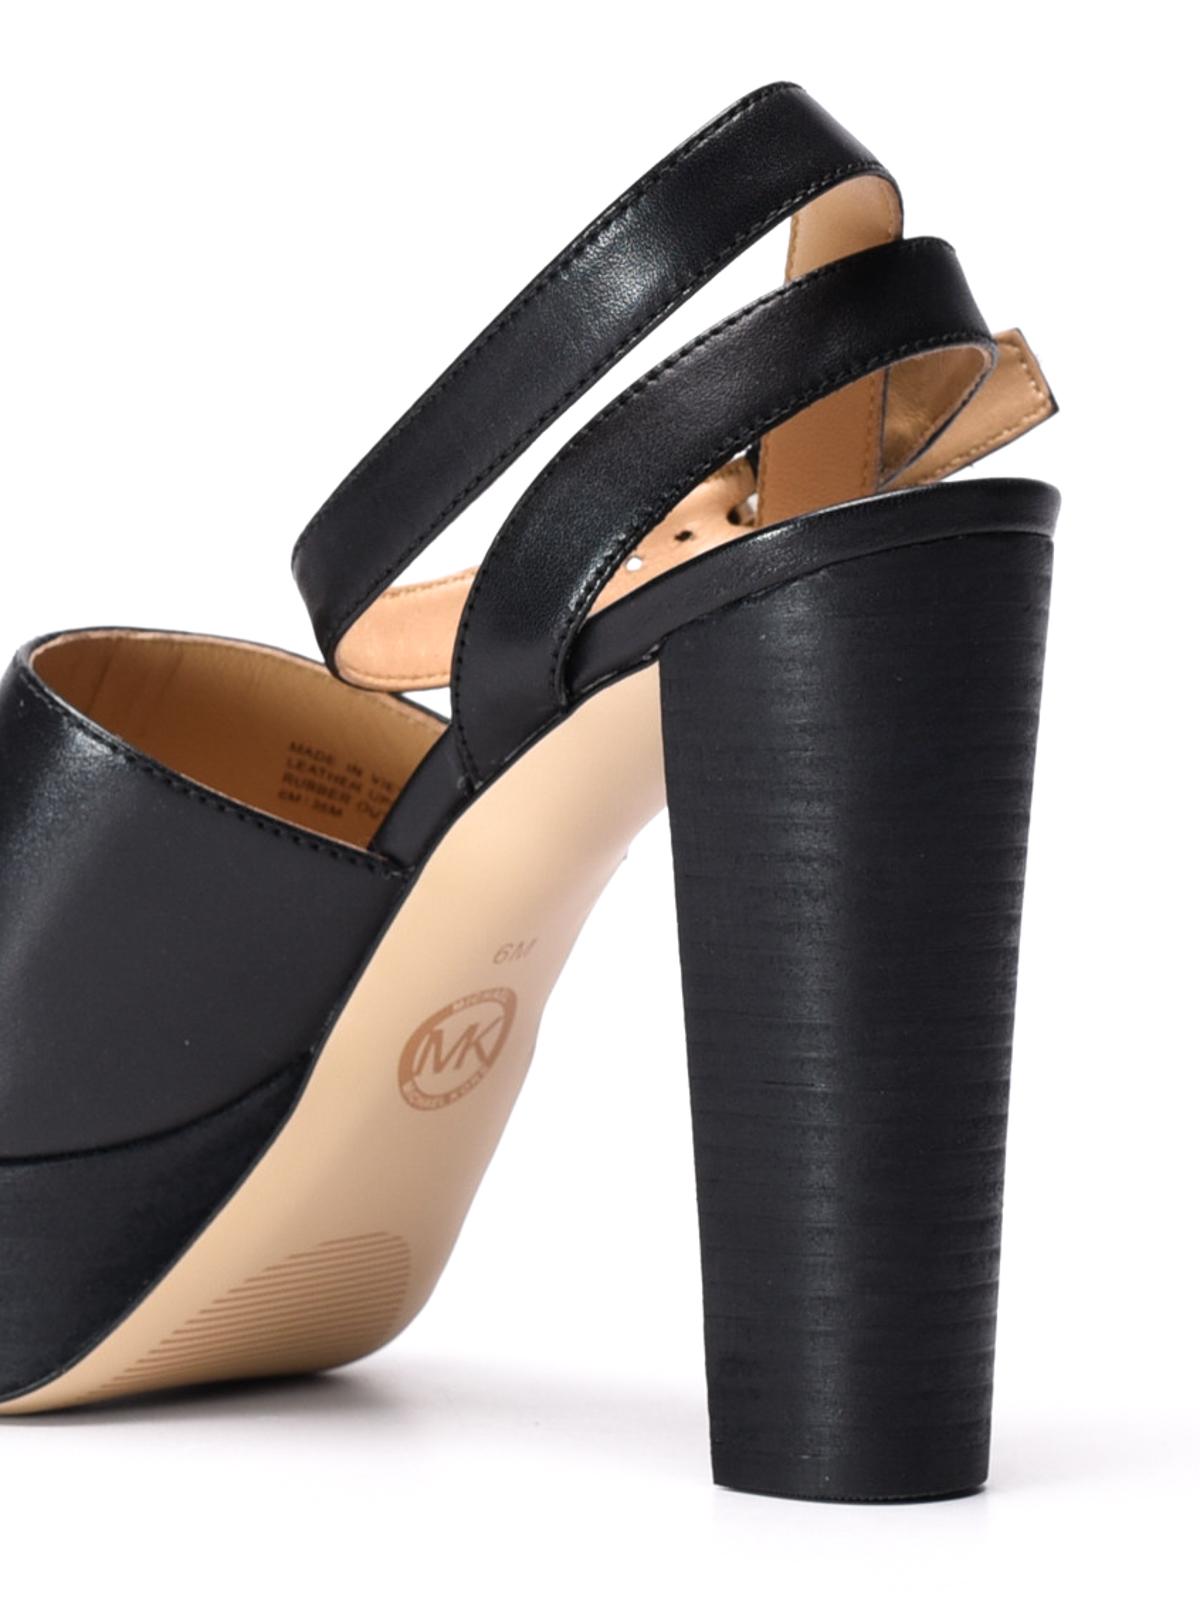 d202a19c1859 Michael Kors - Trina platform leather sandals - sandals - 40R7TNMS1L 001